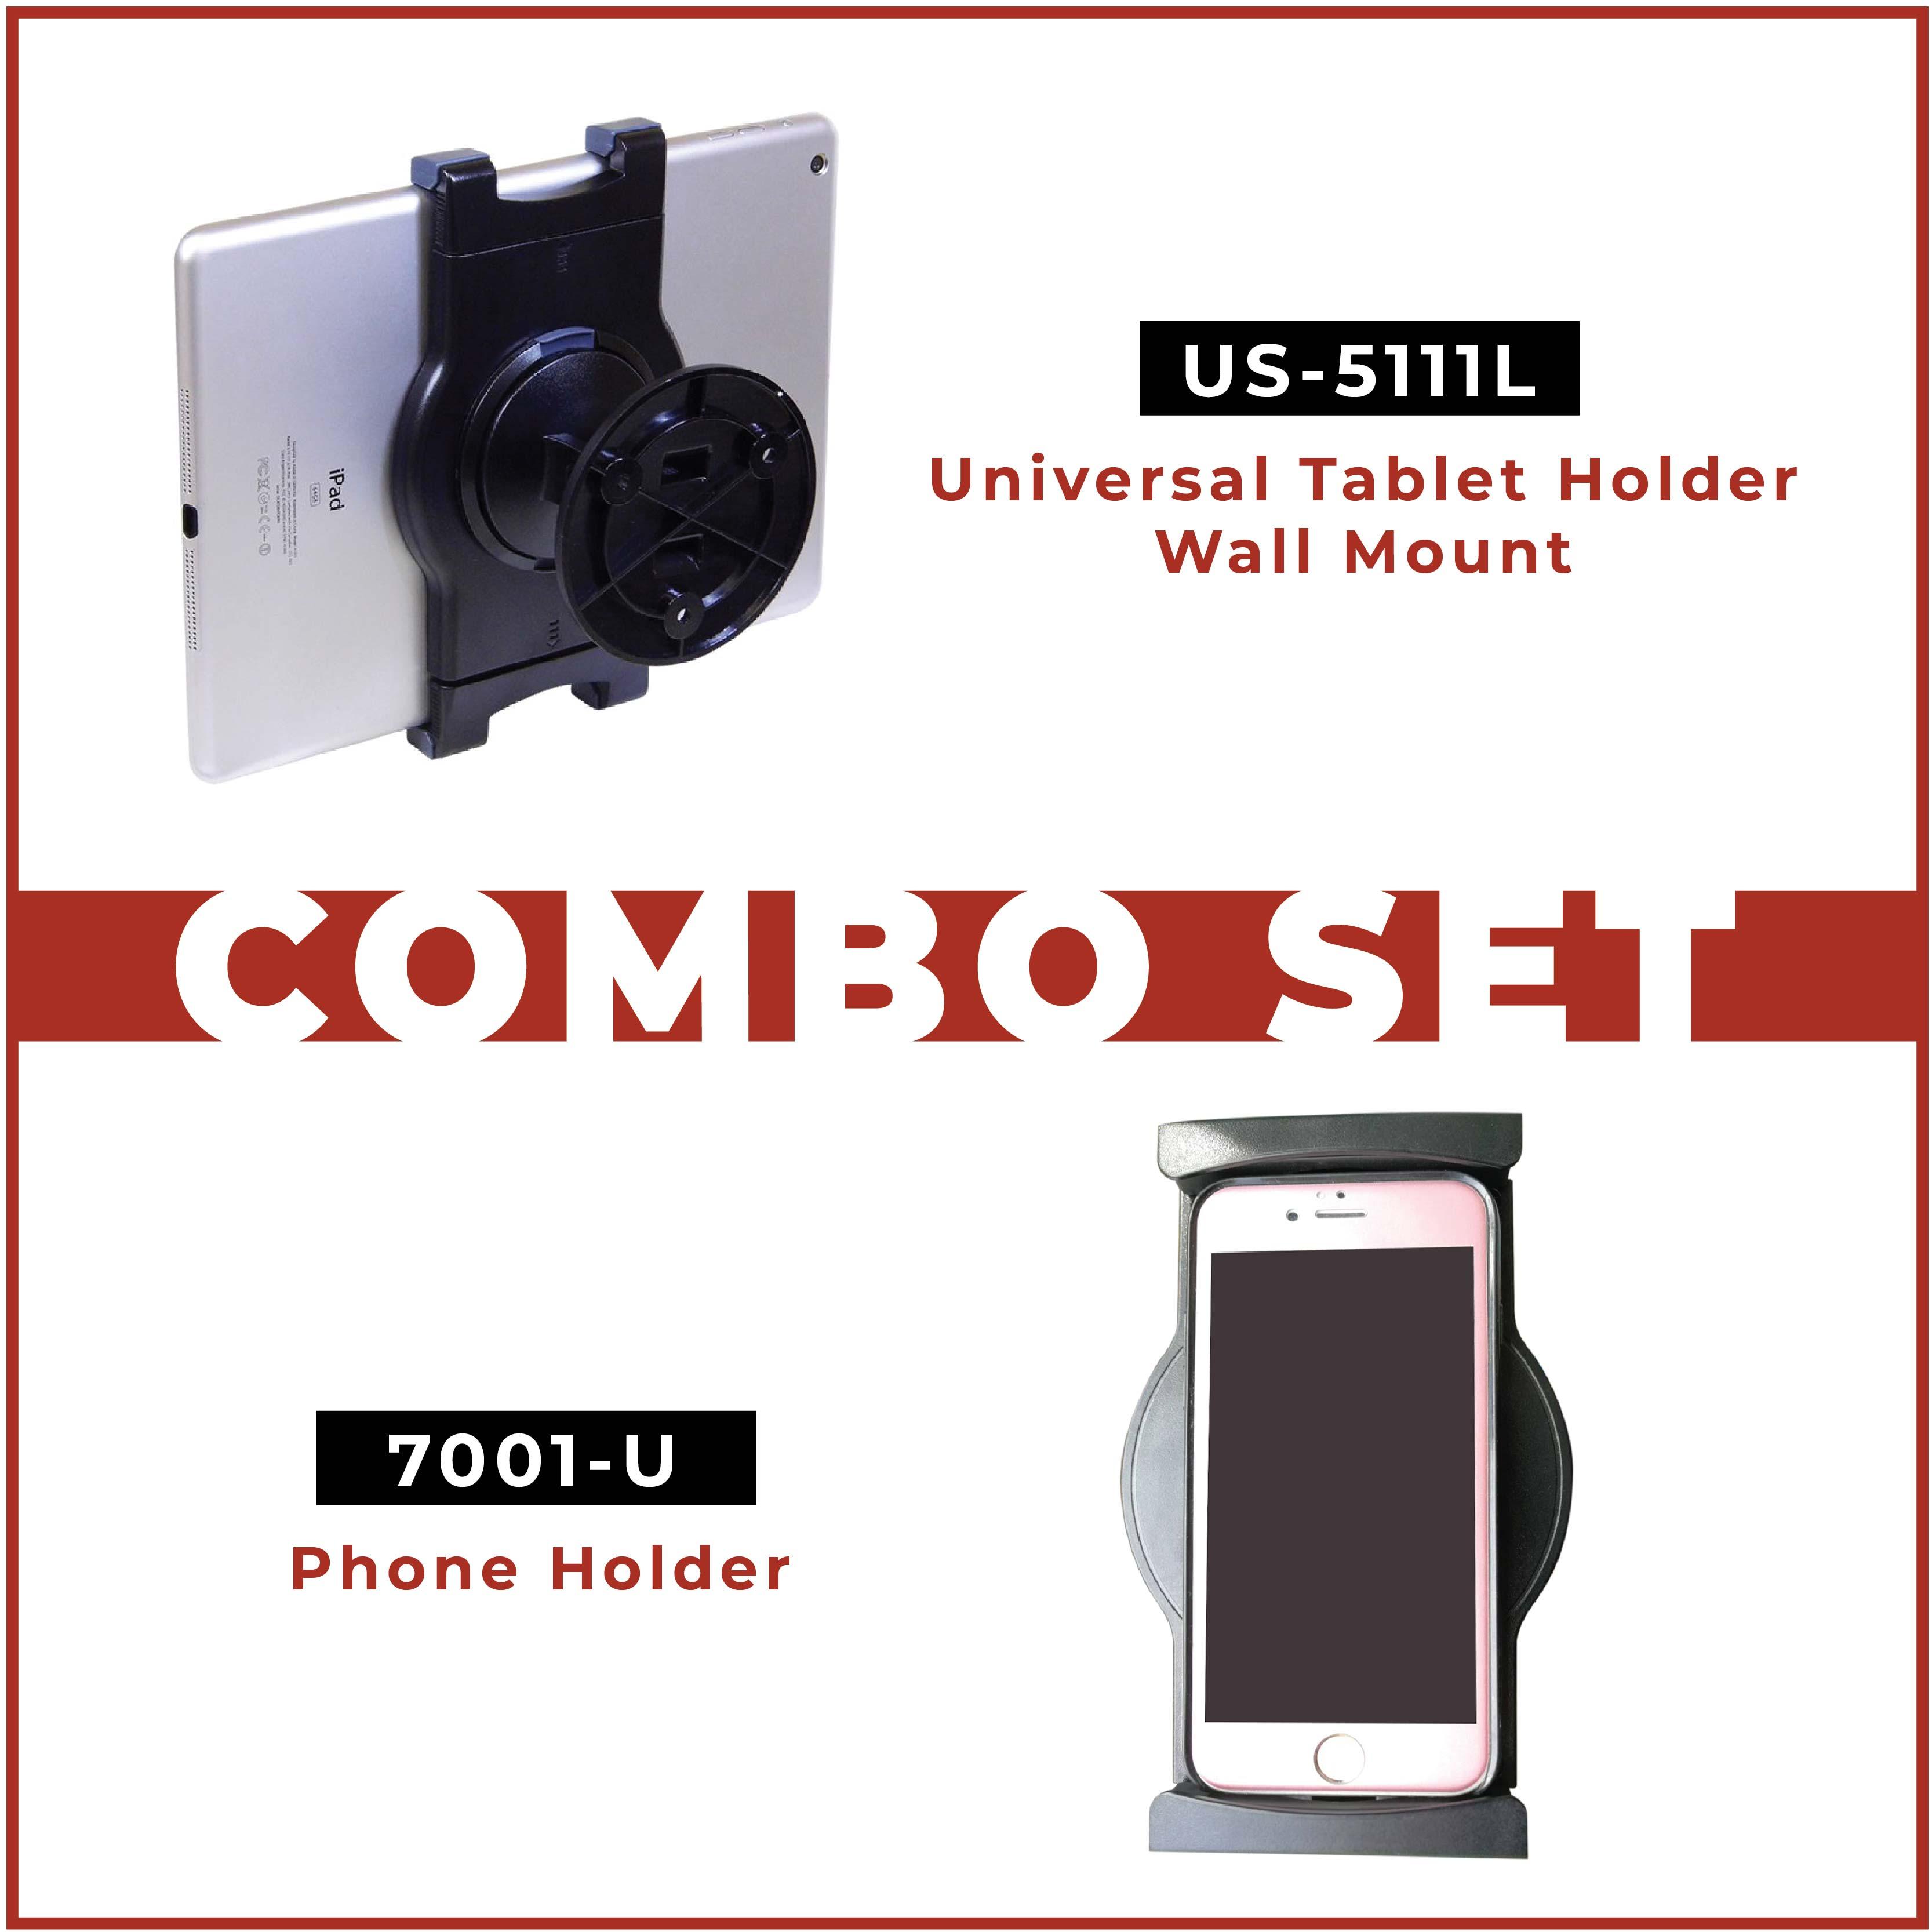 (COMBO SET) US-5111L+7001-U